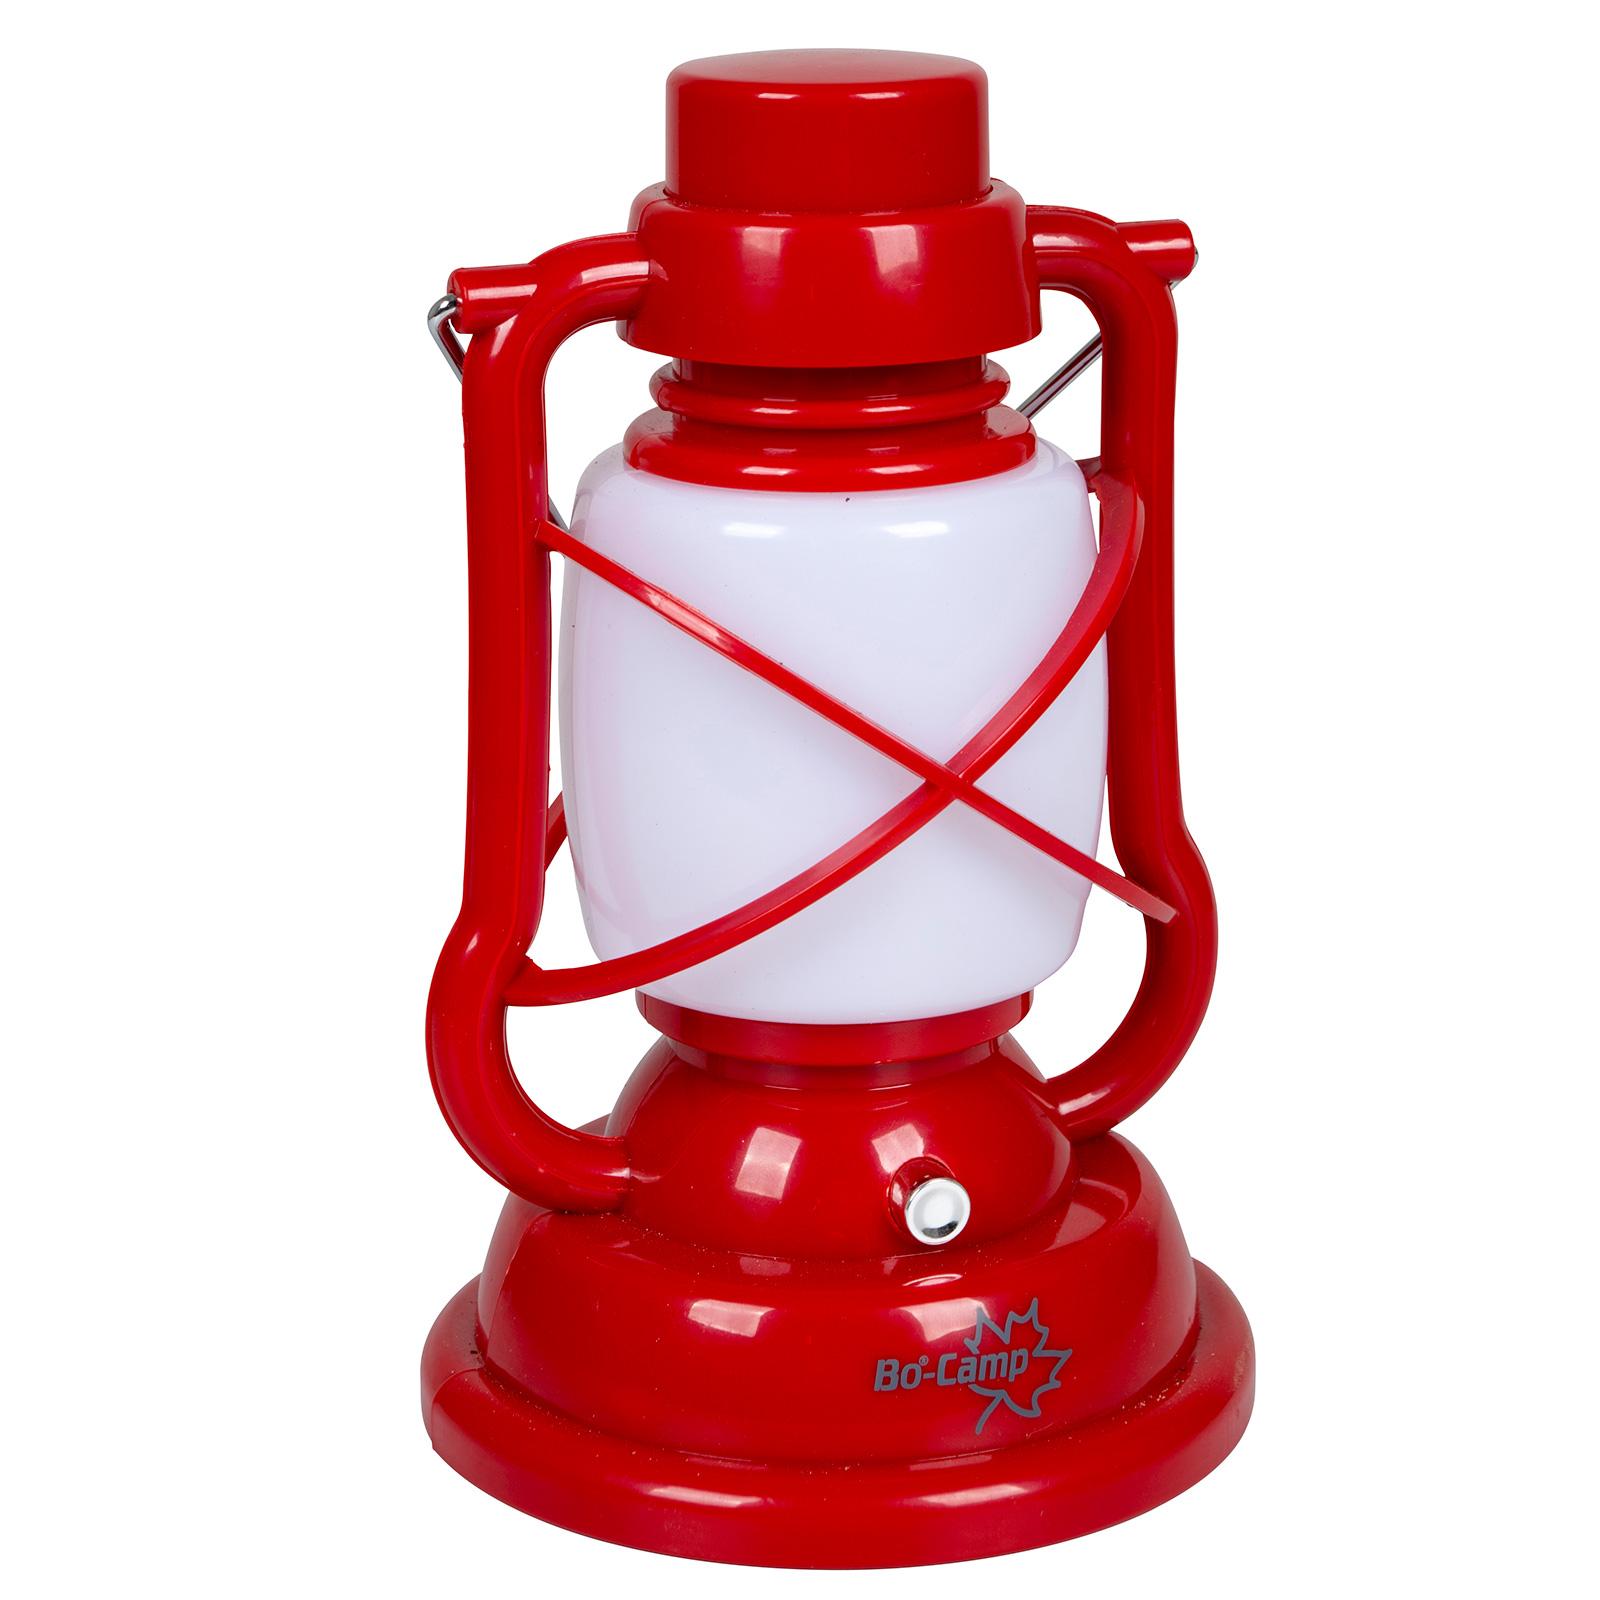 Design-Öllampe Dimmbar Zelten Outdoor 2 X klassische Campinglaterne Mit 15 LEDs